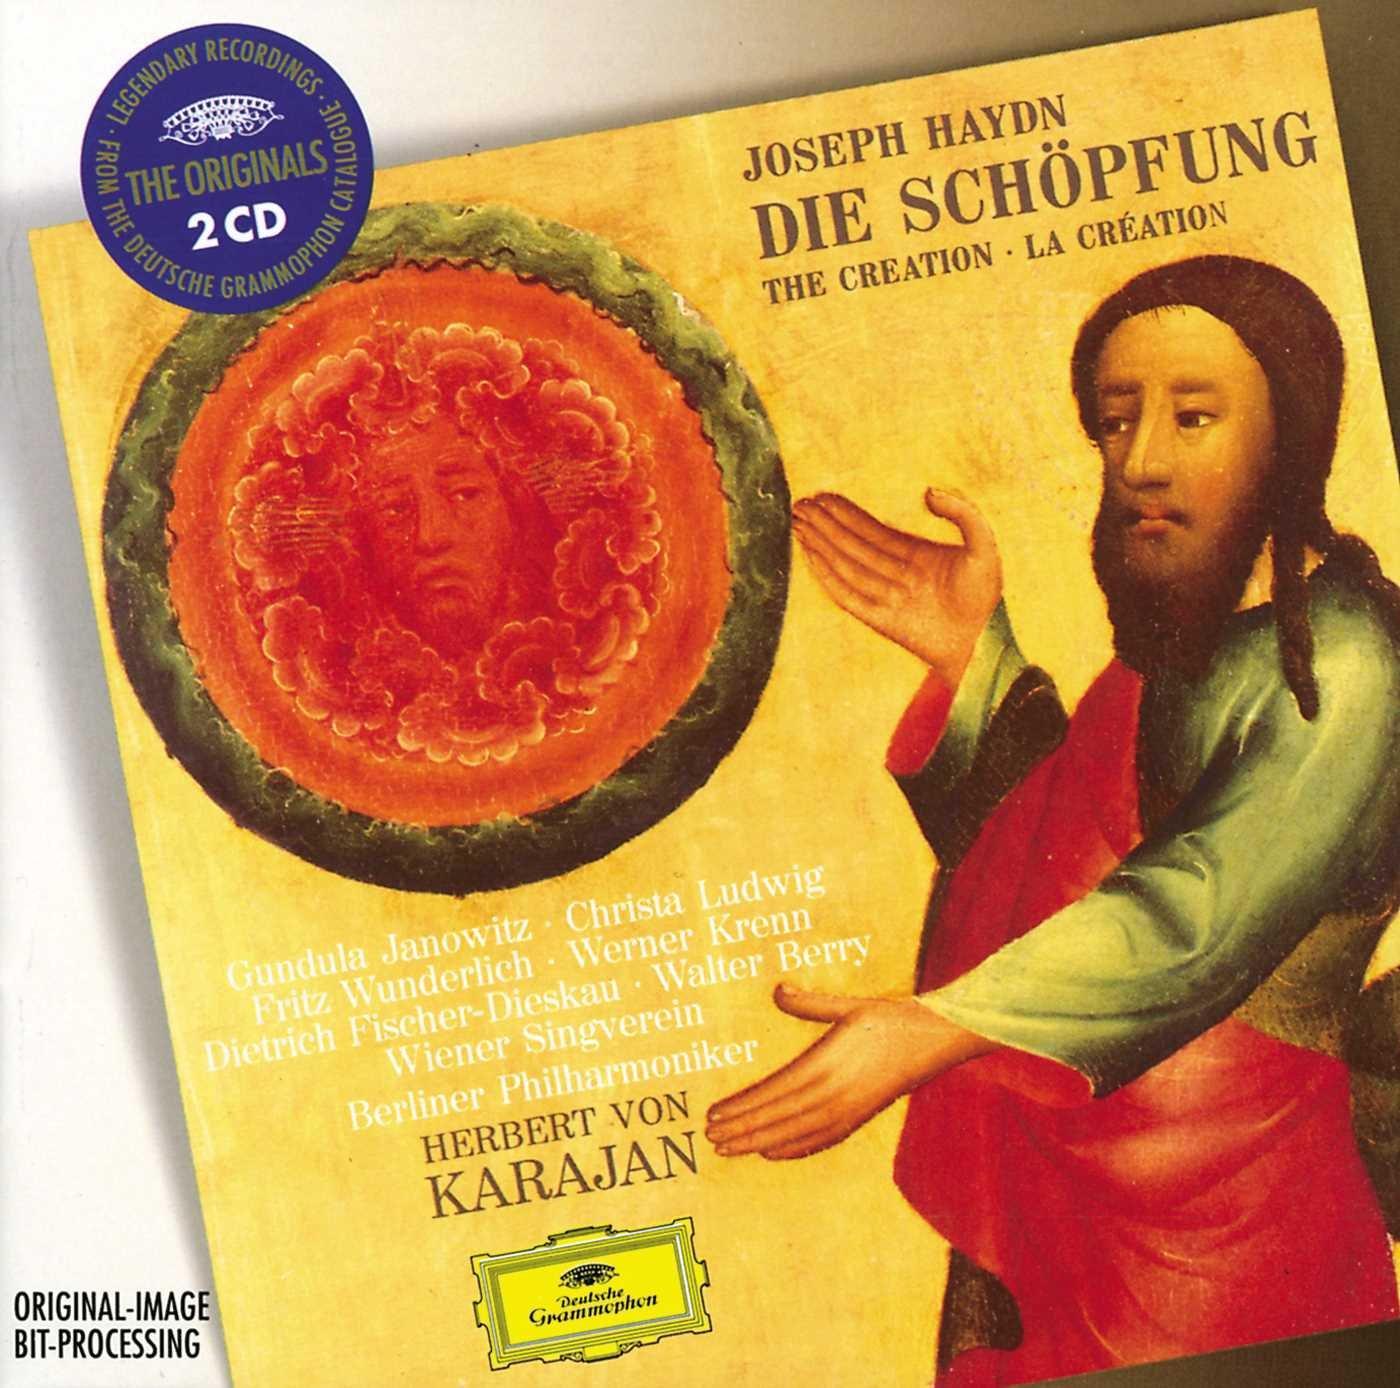 Haydn: Die Schopfung (The Creation) by HAYDN,J.